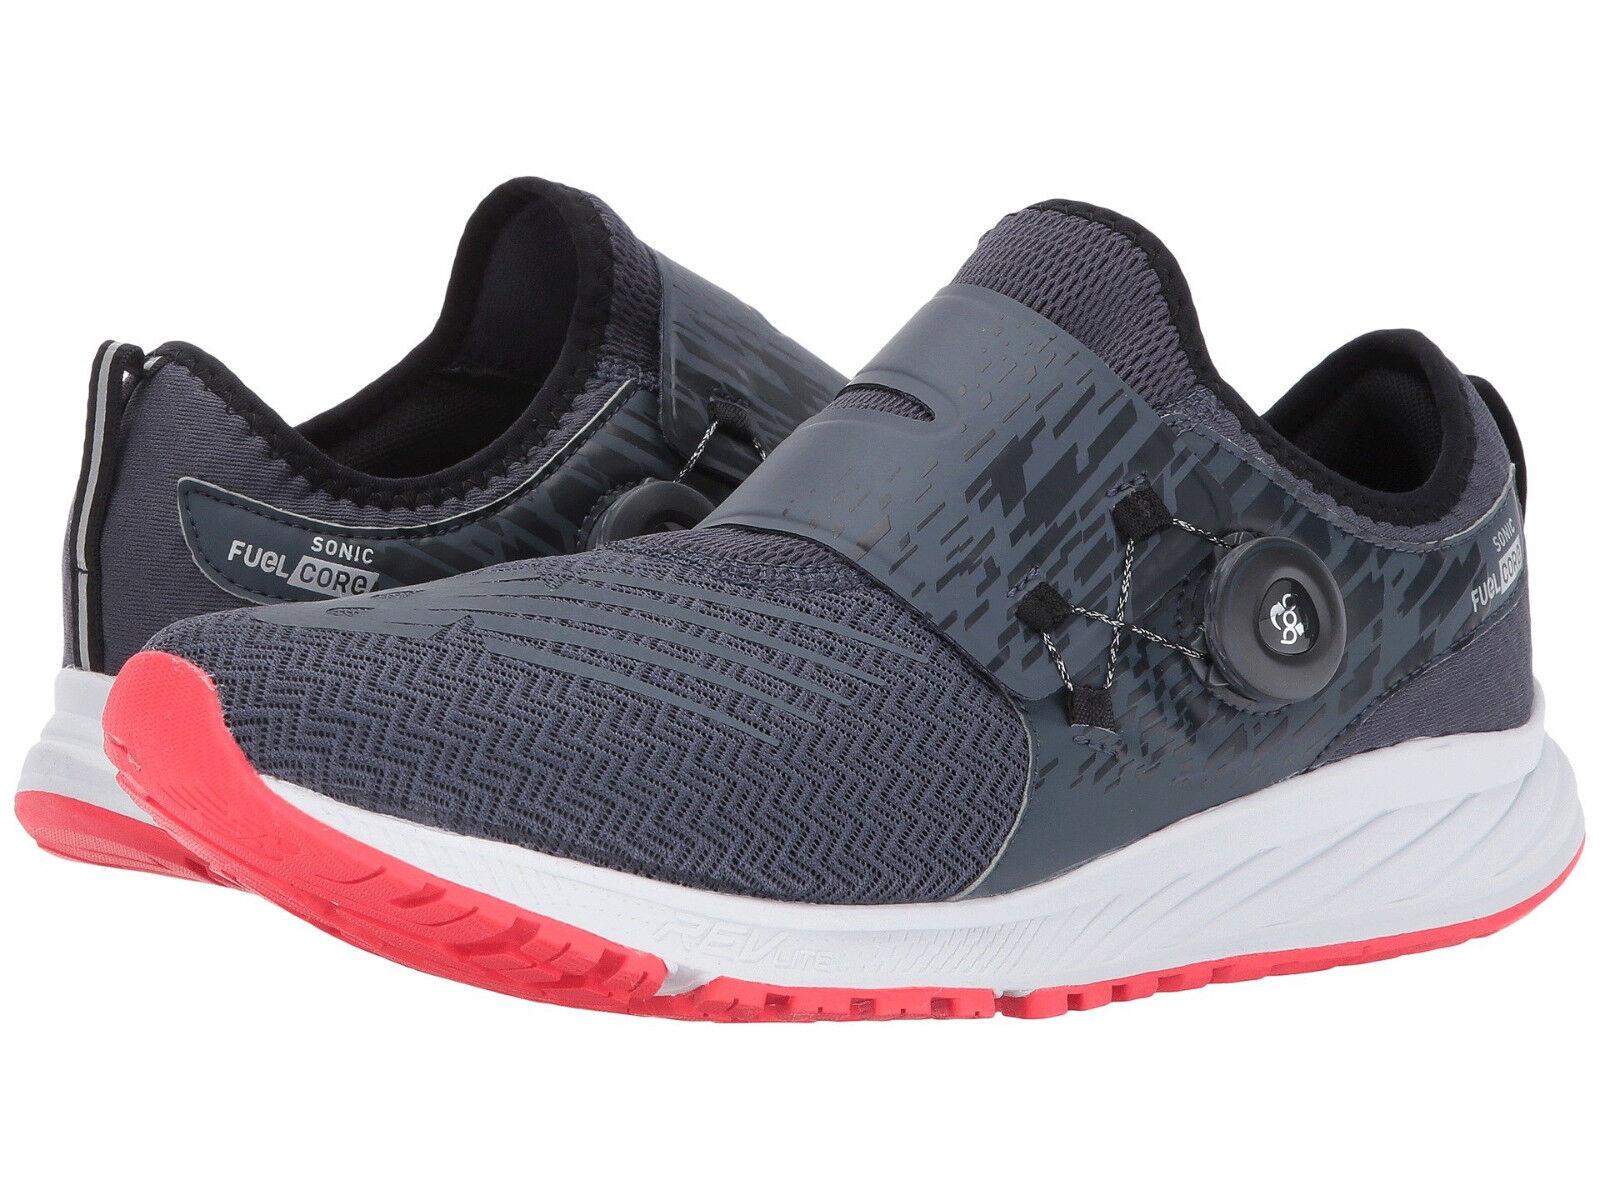 New 14 Balance hombres Sonic SZ 14 New d Gris Synthetic corriendo zapatillas zapatos reducción de precio b7b302